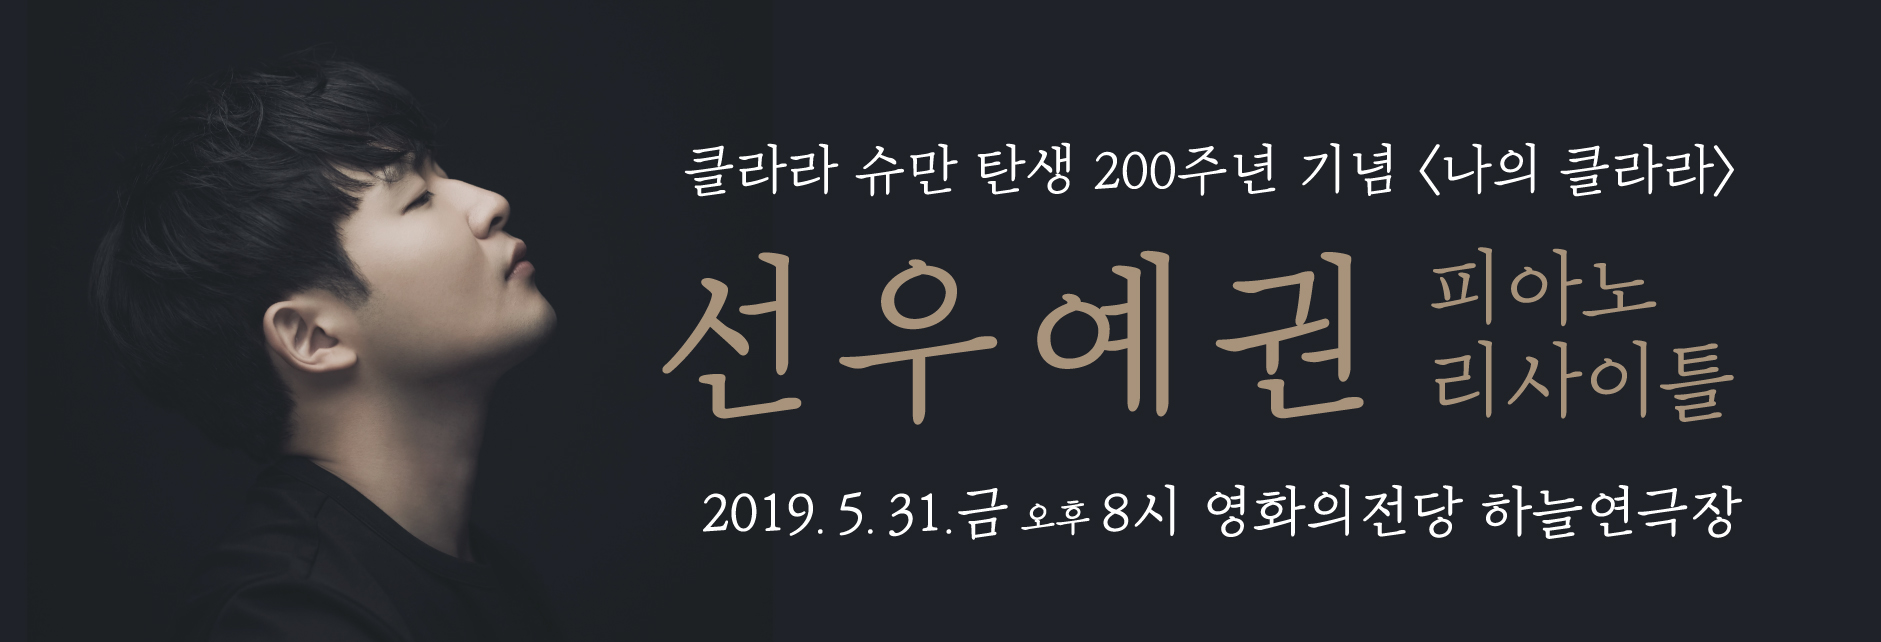 클라라 슈만 탄생 200주년 기념 공연 선우예권 피아노 리사이틀 나의 클라라 2019년 5월 31일 금요일 오후 8시 영화의전당 하늘연극장 티켓 예매 중